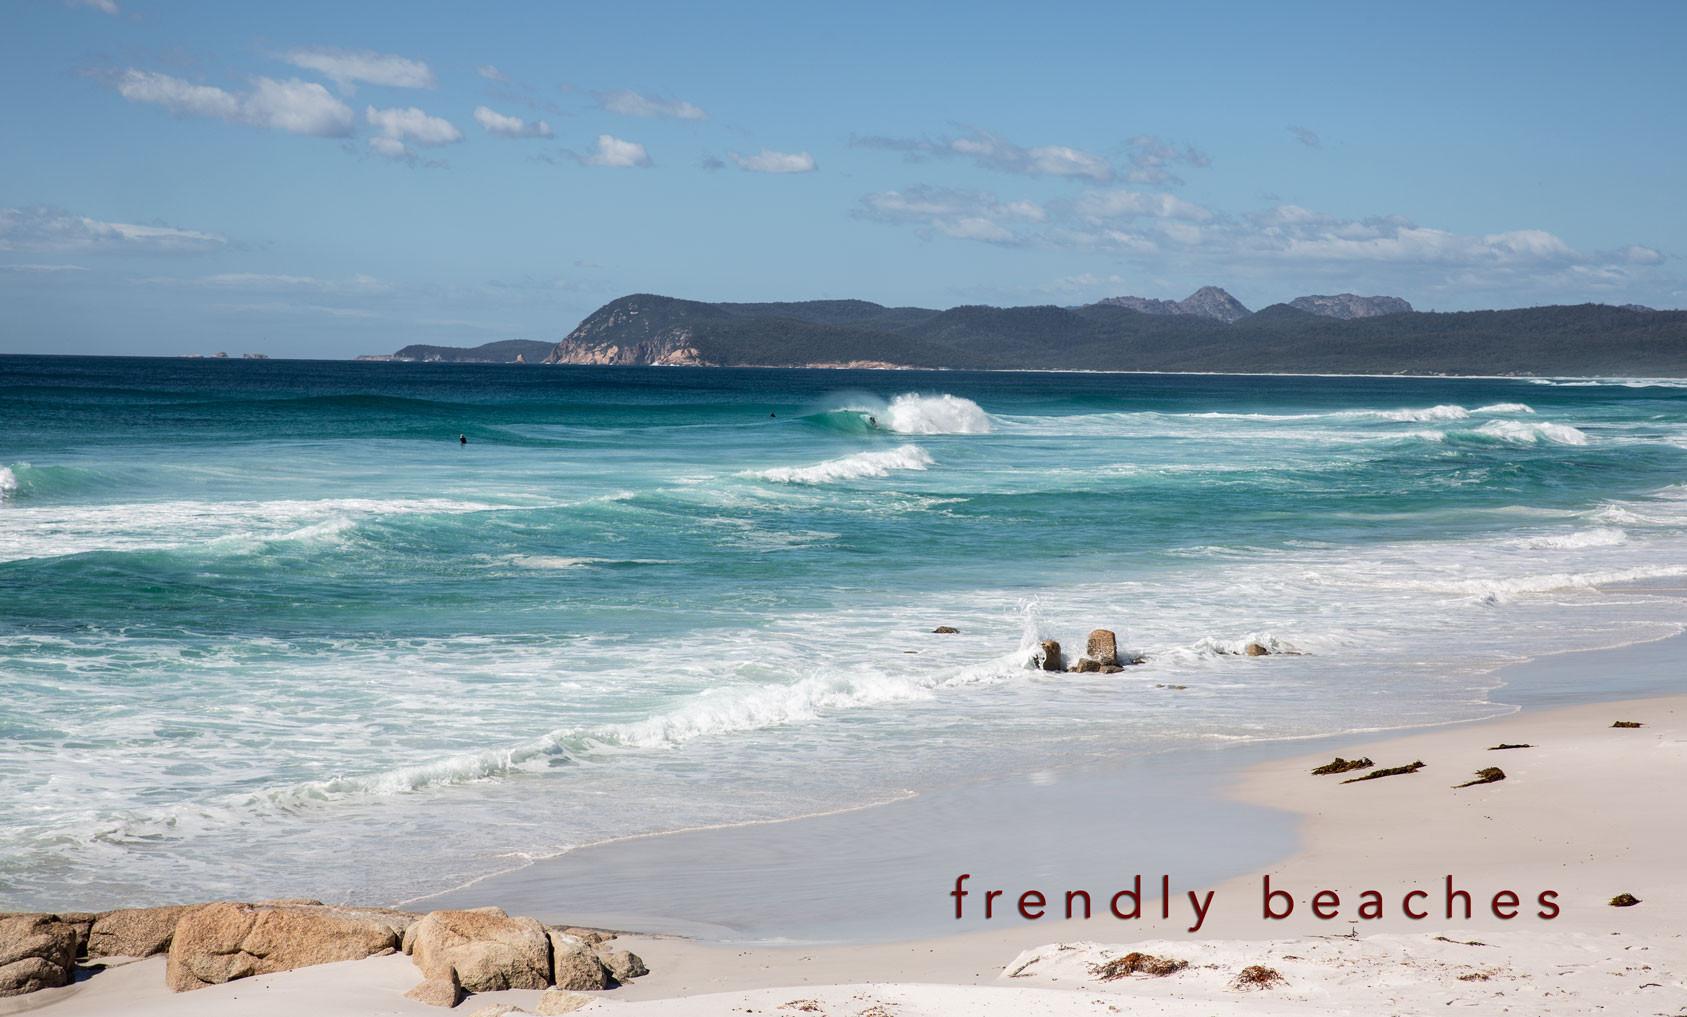 friendly-beaches-1.jpg